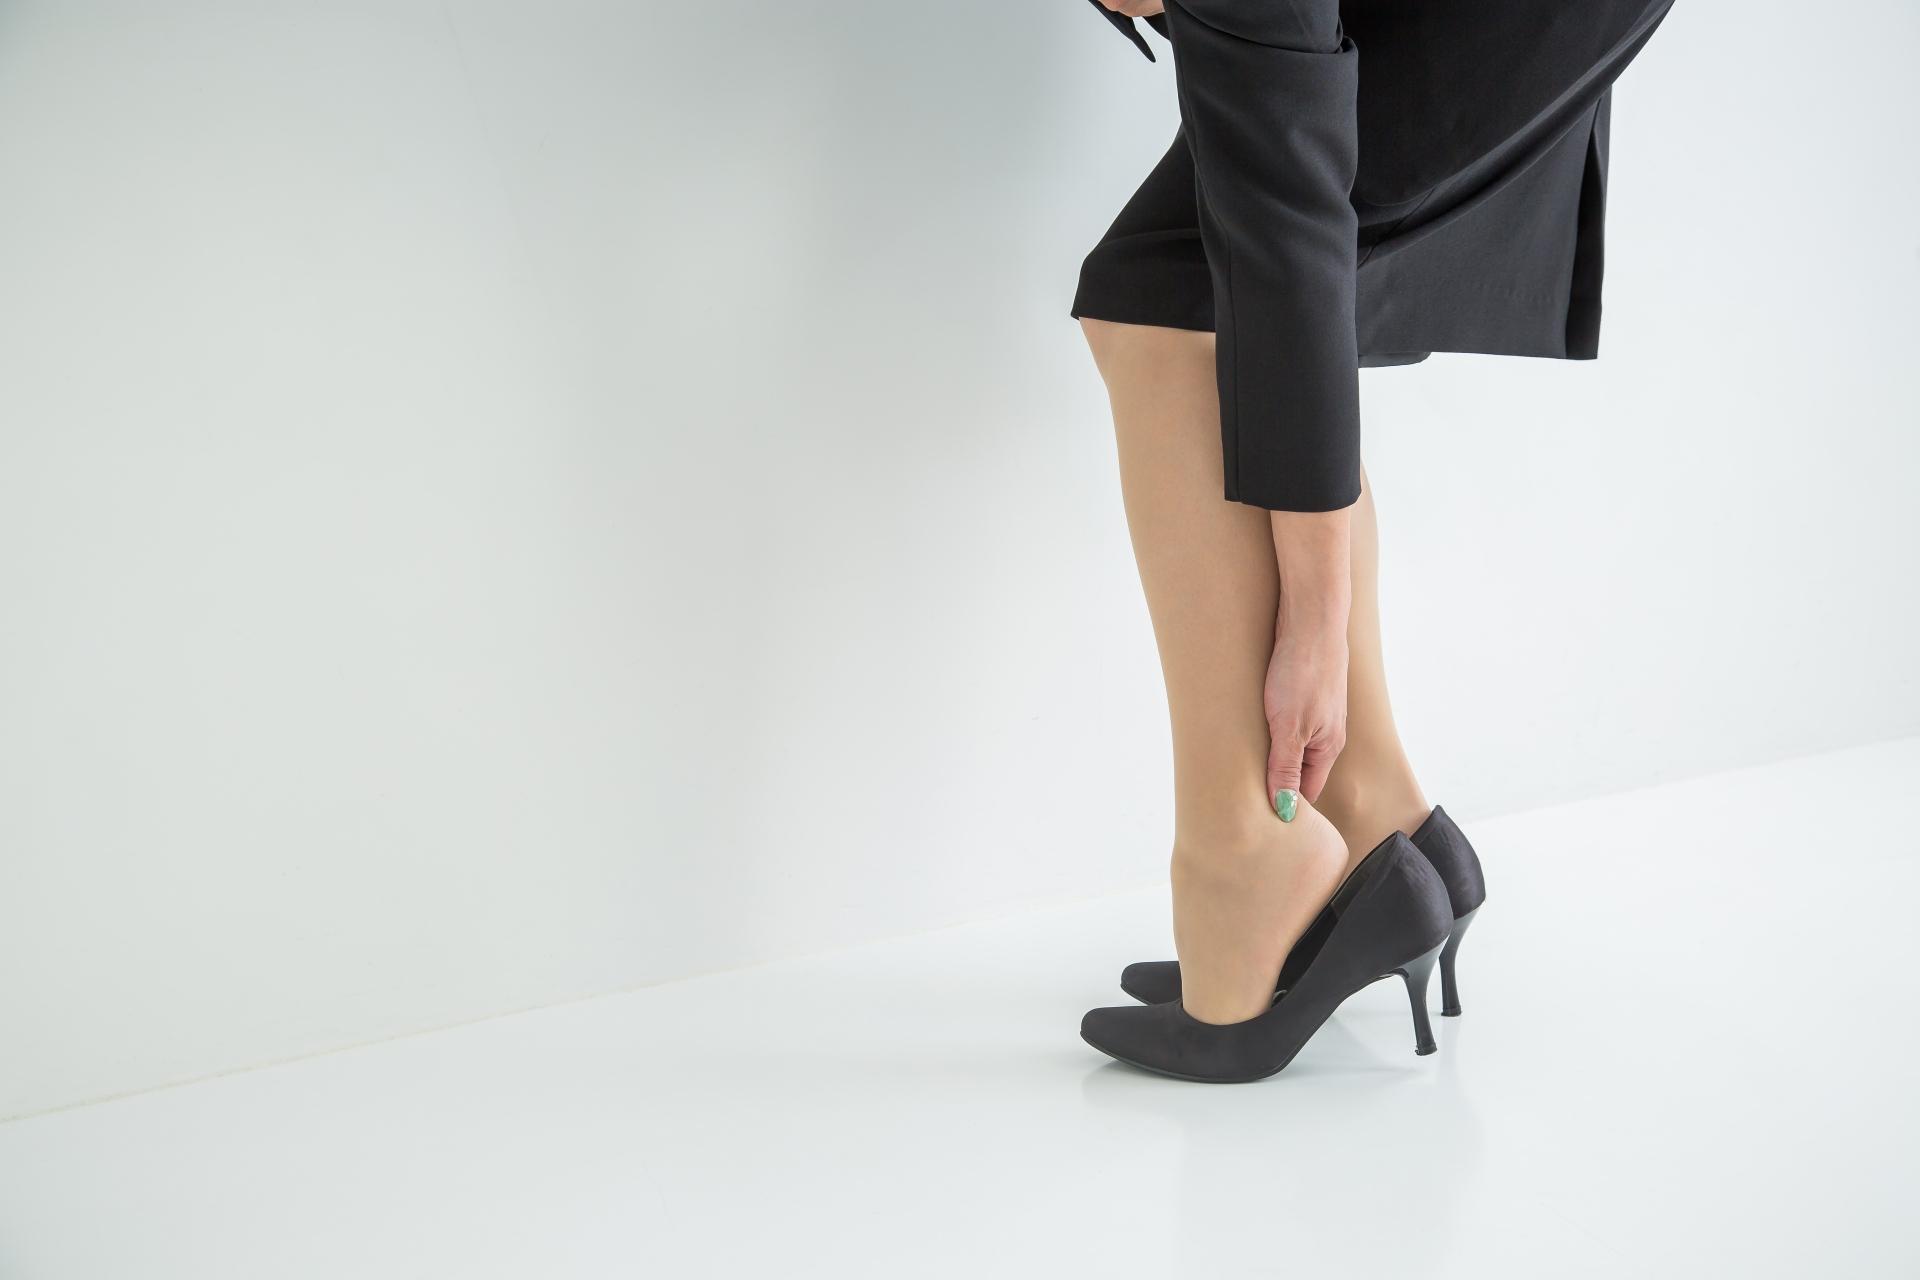 ハイヒールやパンプスを普段履きにするのは、もうやめにしないか…。